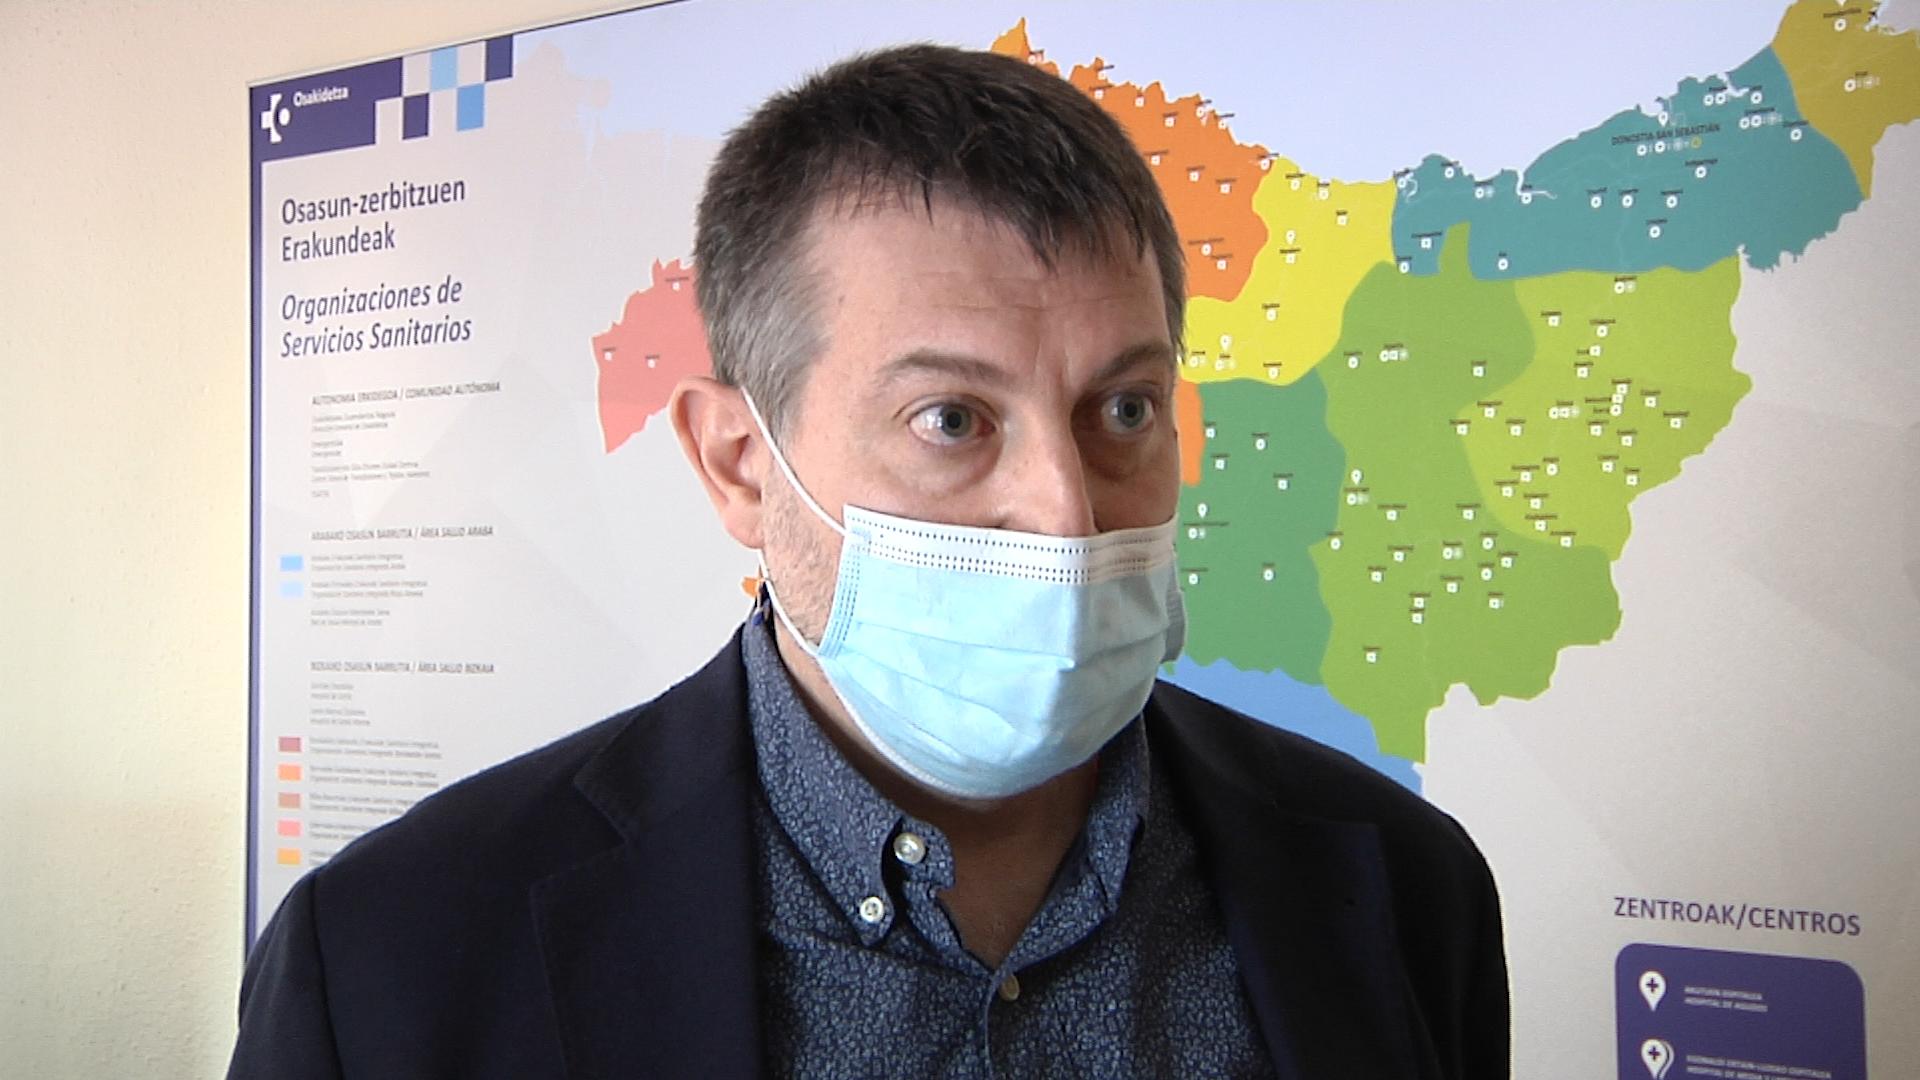 Osakidetzak premiazkoak ez diren kirurgia guztiak atzeratu egin ditu bere ospitale-sare osoan, pandemiaren eraginez   [2:03]